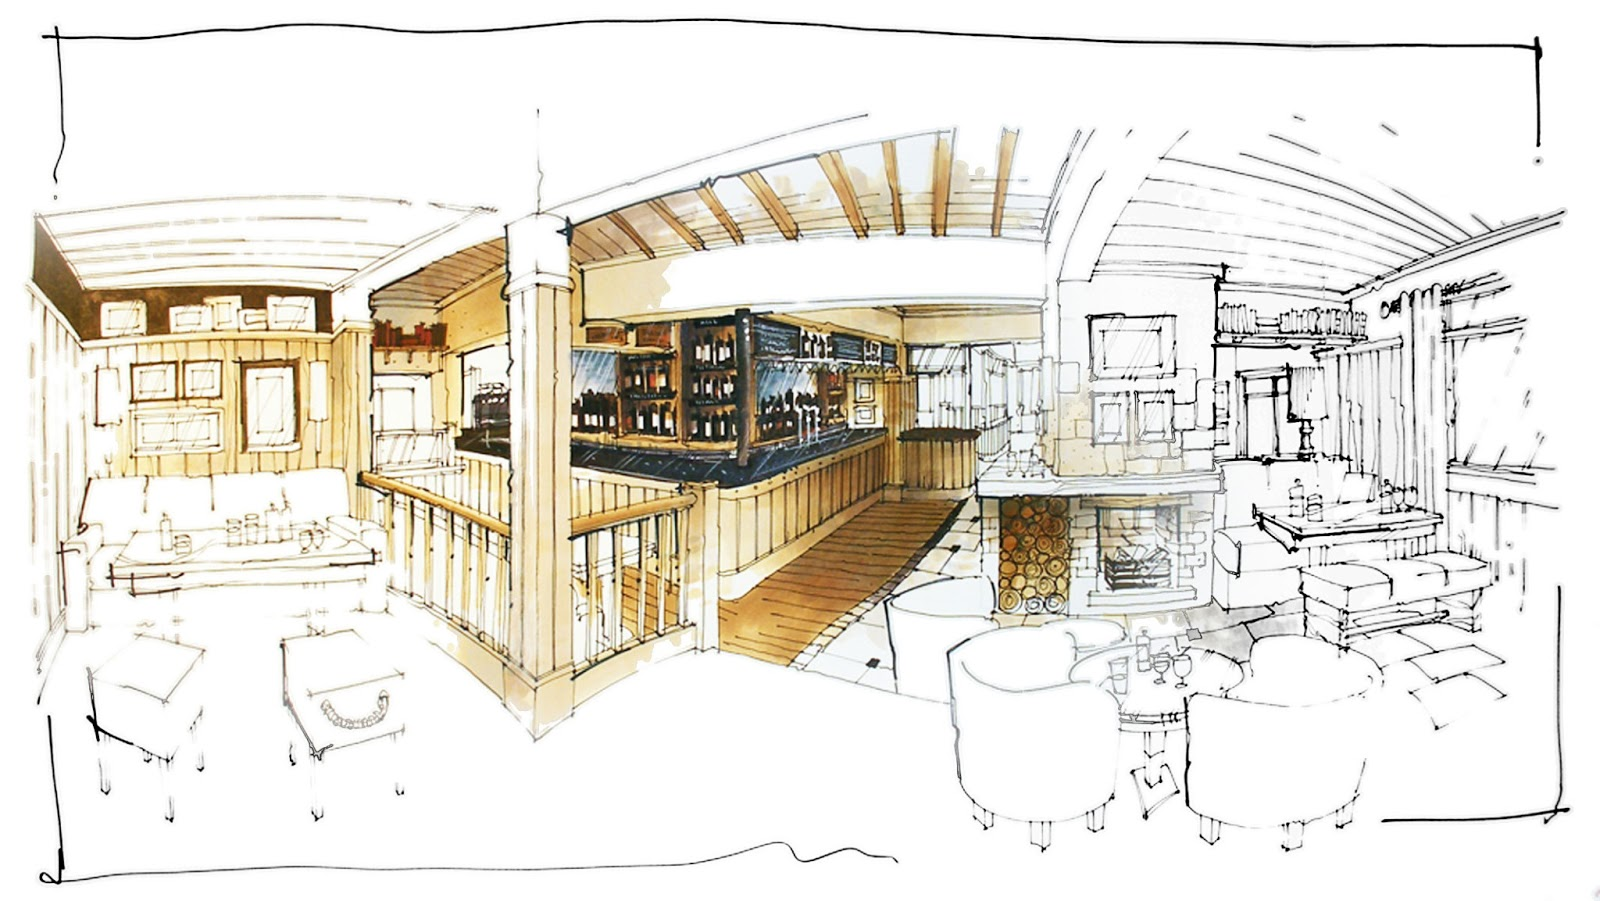 David Dangerous Interior Design Illustrations